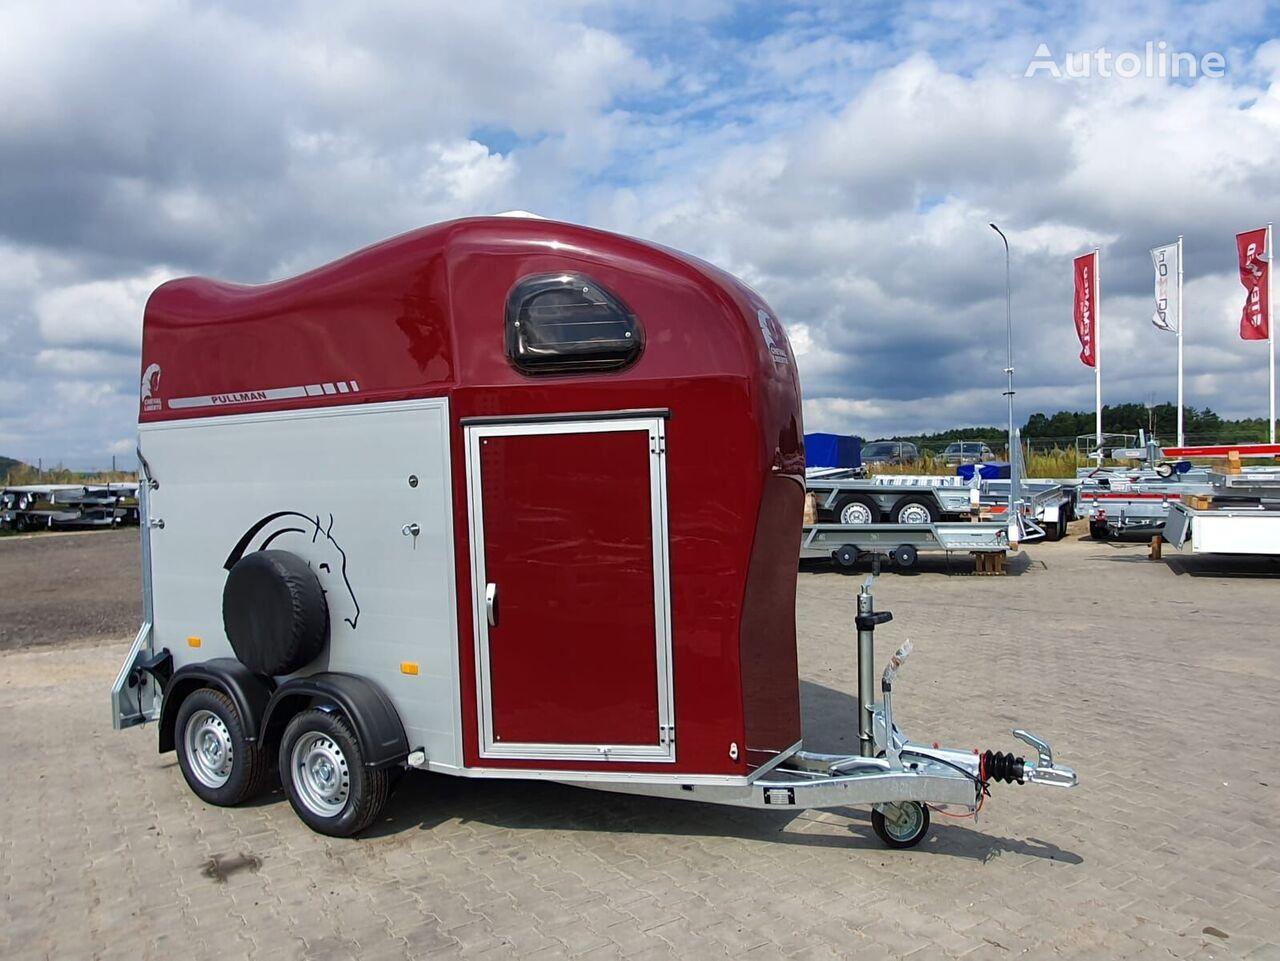 nový přívěs pro přepravu koní Cheval liberte Gold 1 one horse trailer